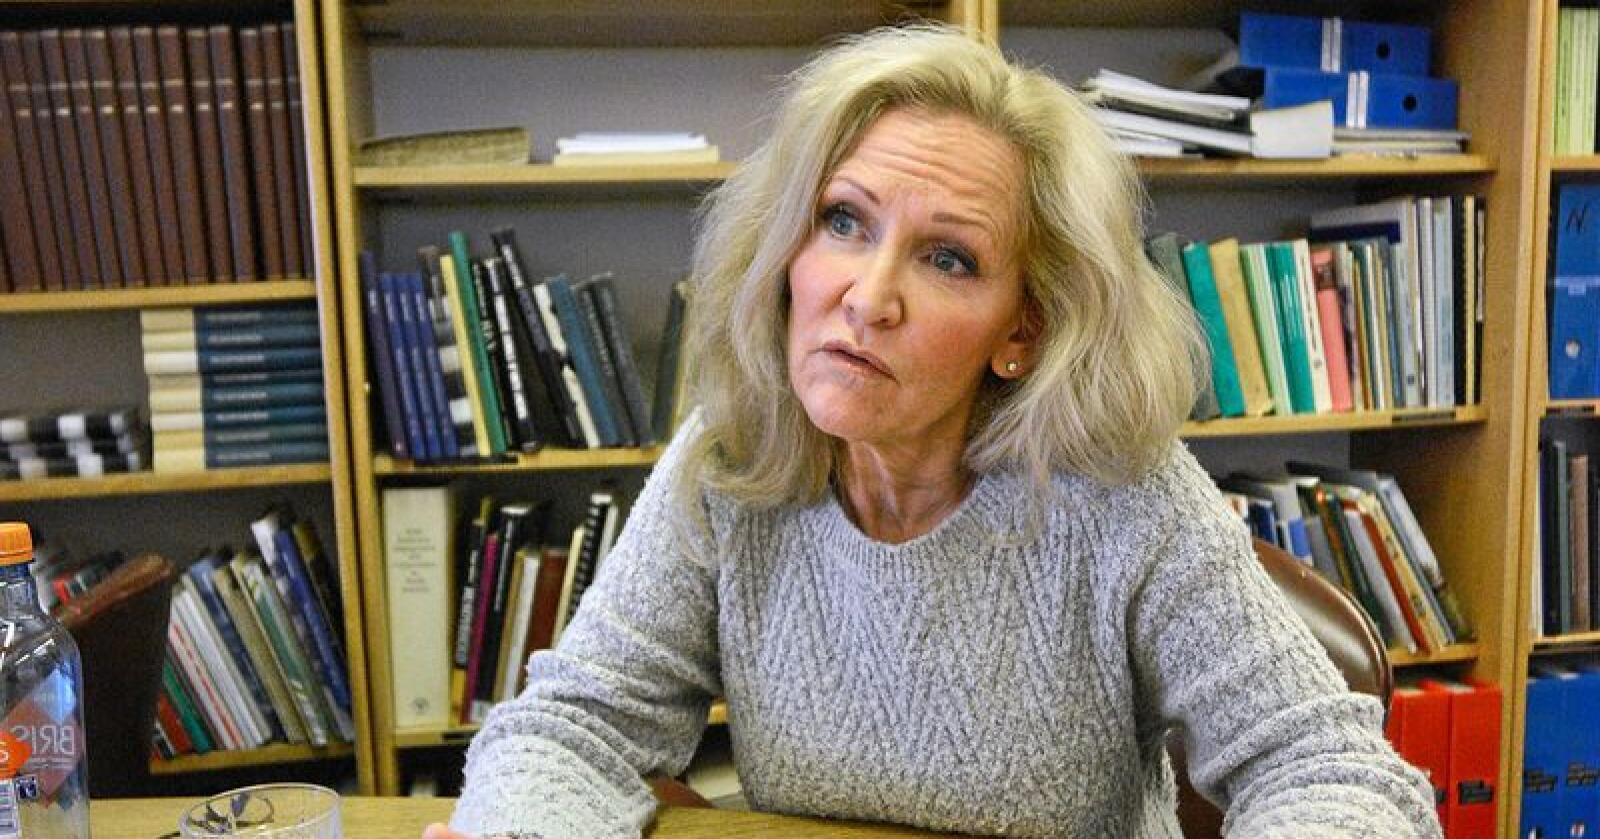 Guri Wormdahl, informasjonssjef Norges Pelsdyralslag, synes det er vanskelig å svare på om det er mulig å gjenoppbygge tilliten til Mattilsynet. Foto: Siri Juell Rasmussen